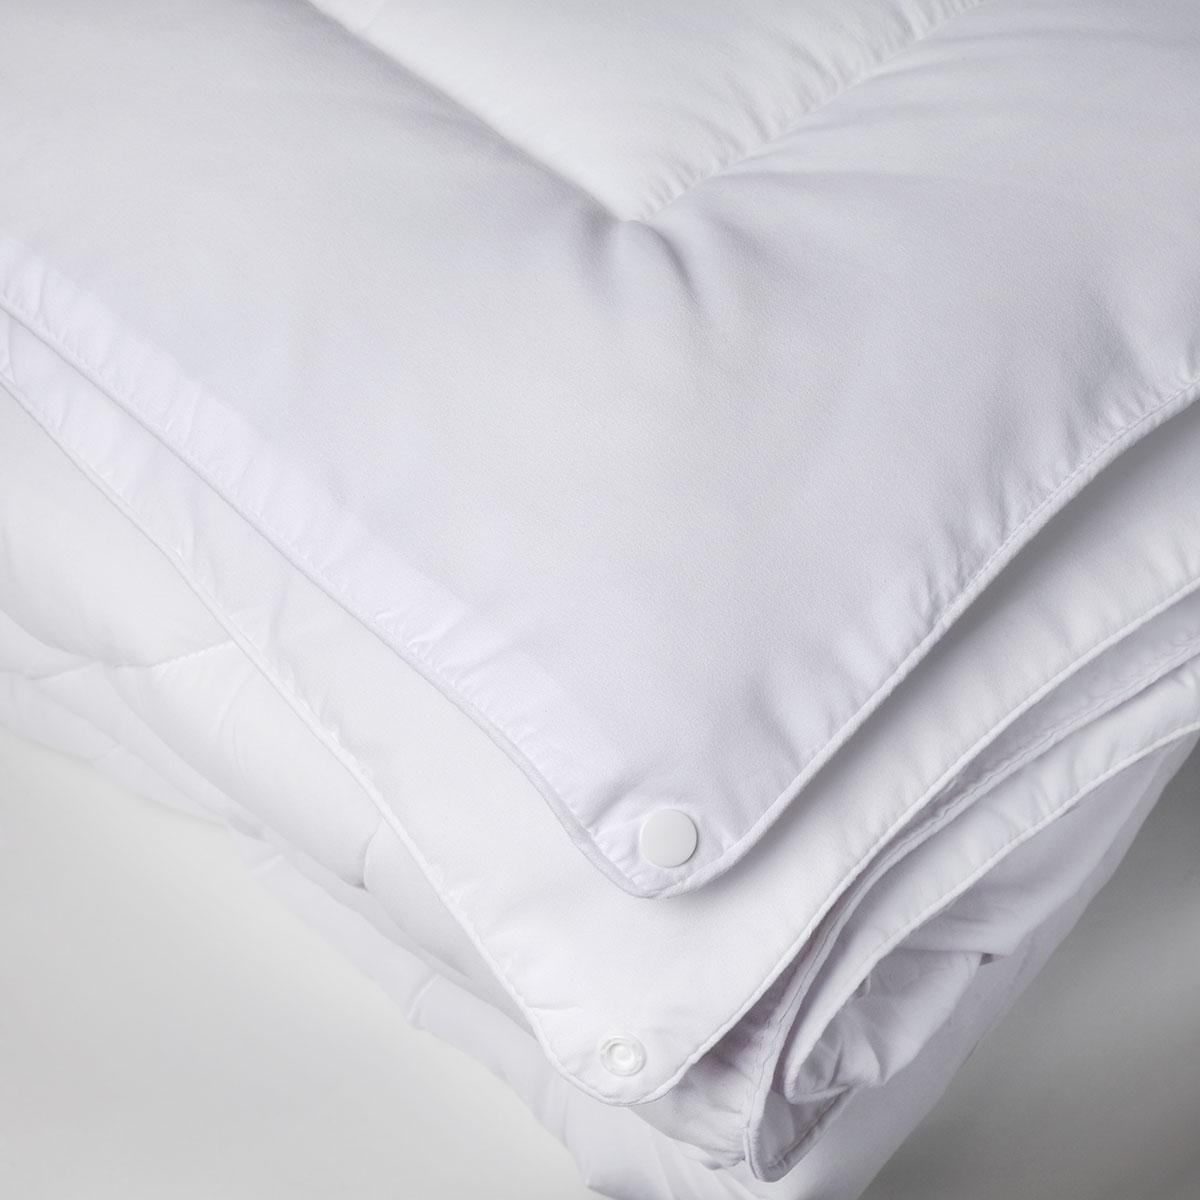 couette 4 saisons enveloppe coton protection blanc homemaison vente en ligne couette. Black Bedroom Furniture Sets. Home Design Ideas